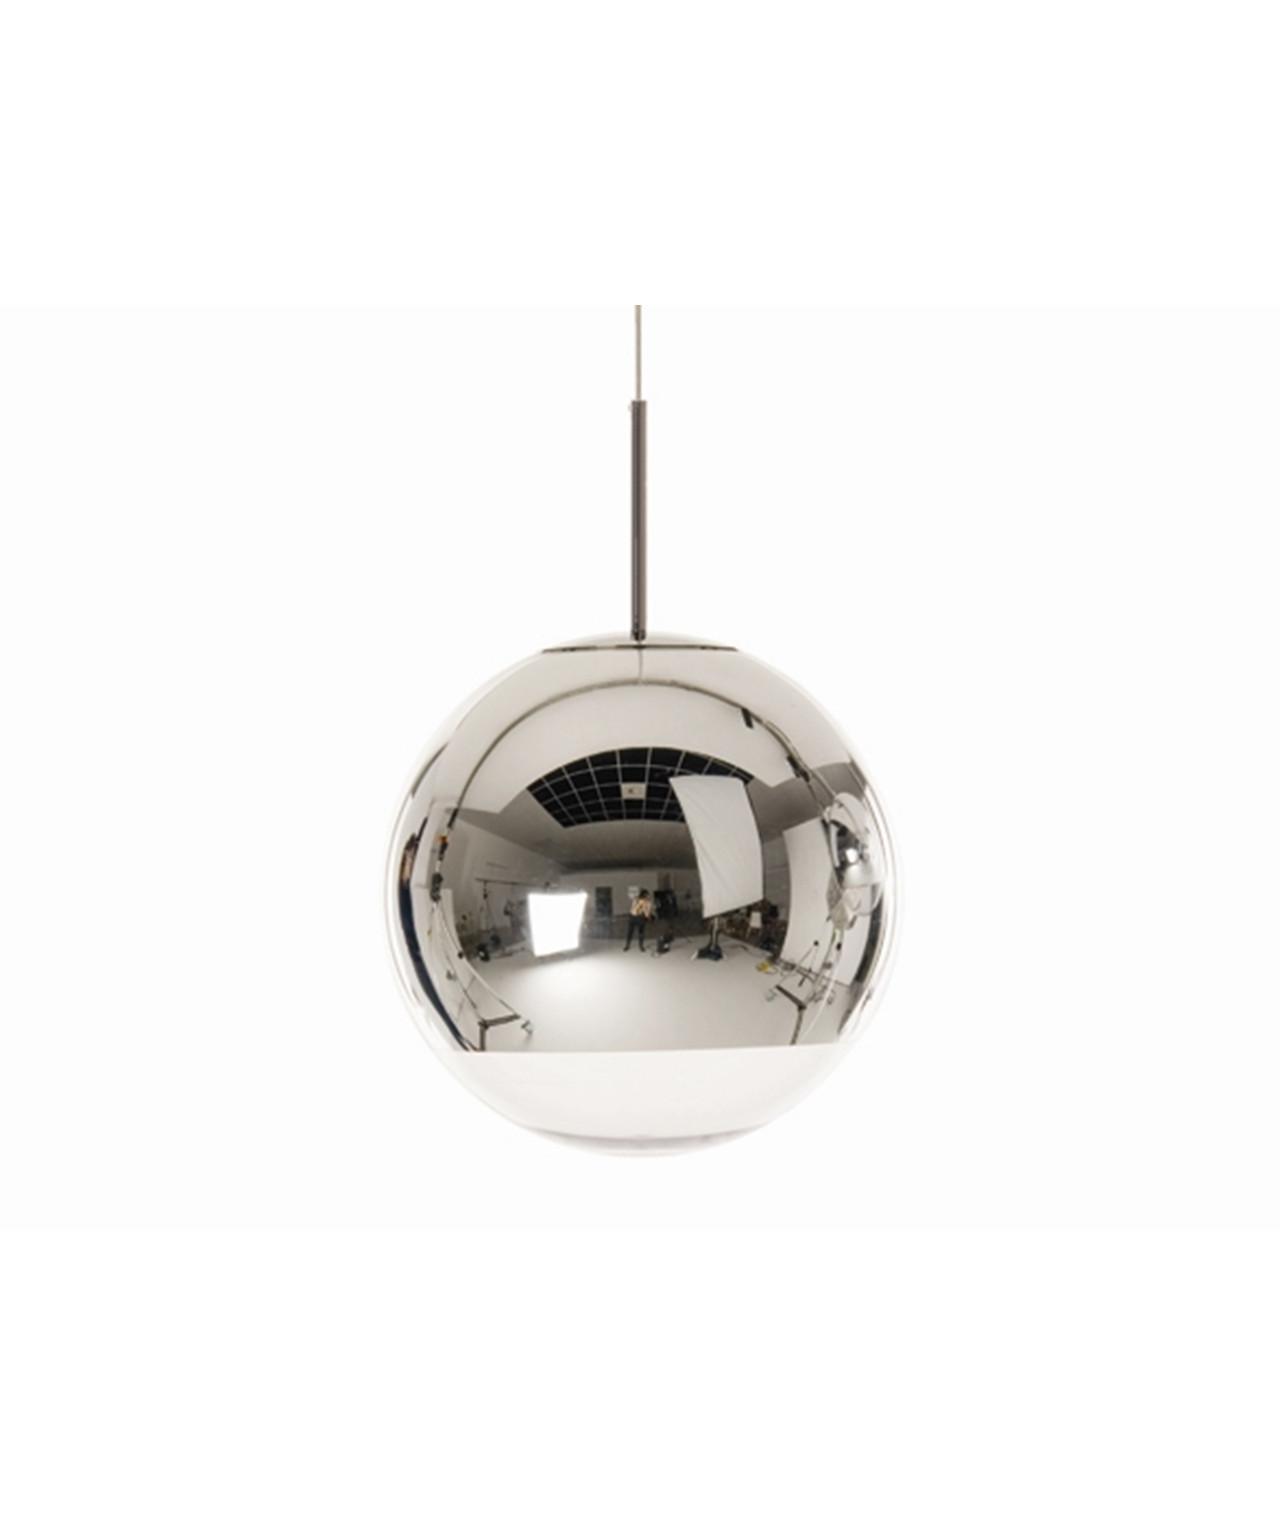 Tom Dixon Bestill Designlamper Fra Tom Dixon 100 Dagers Returrett